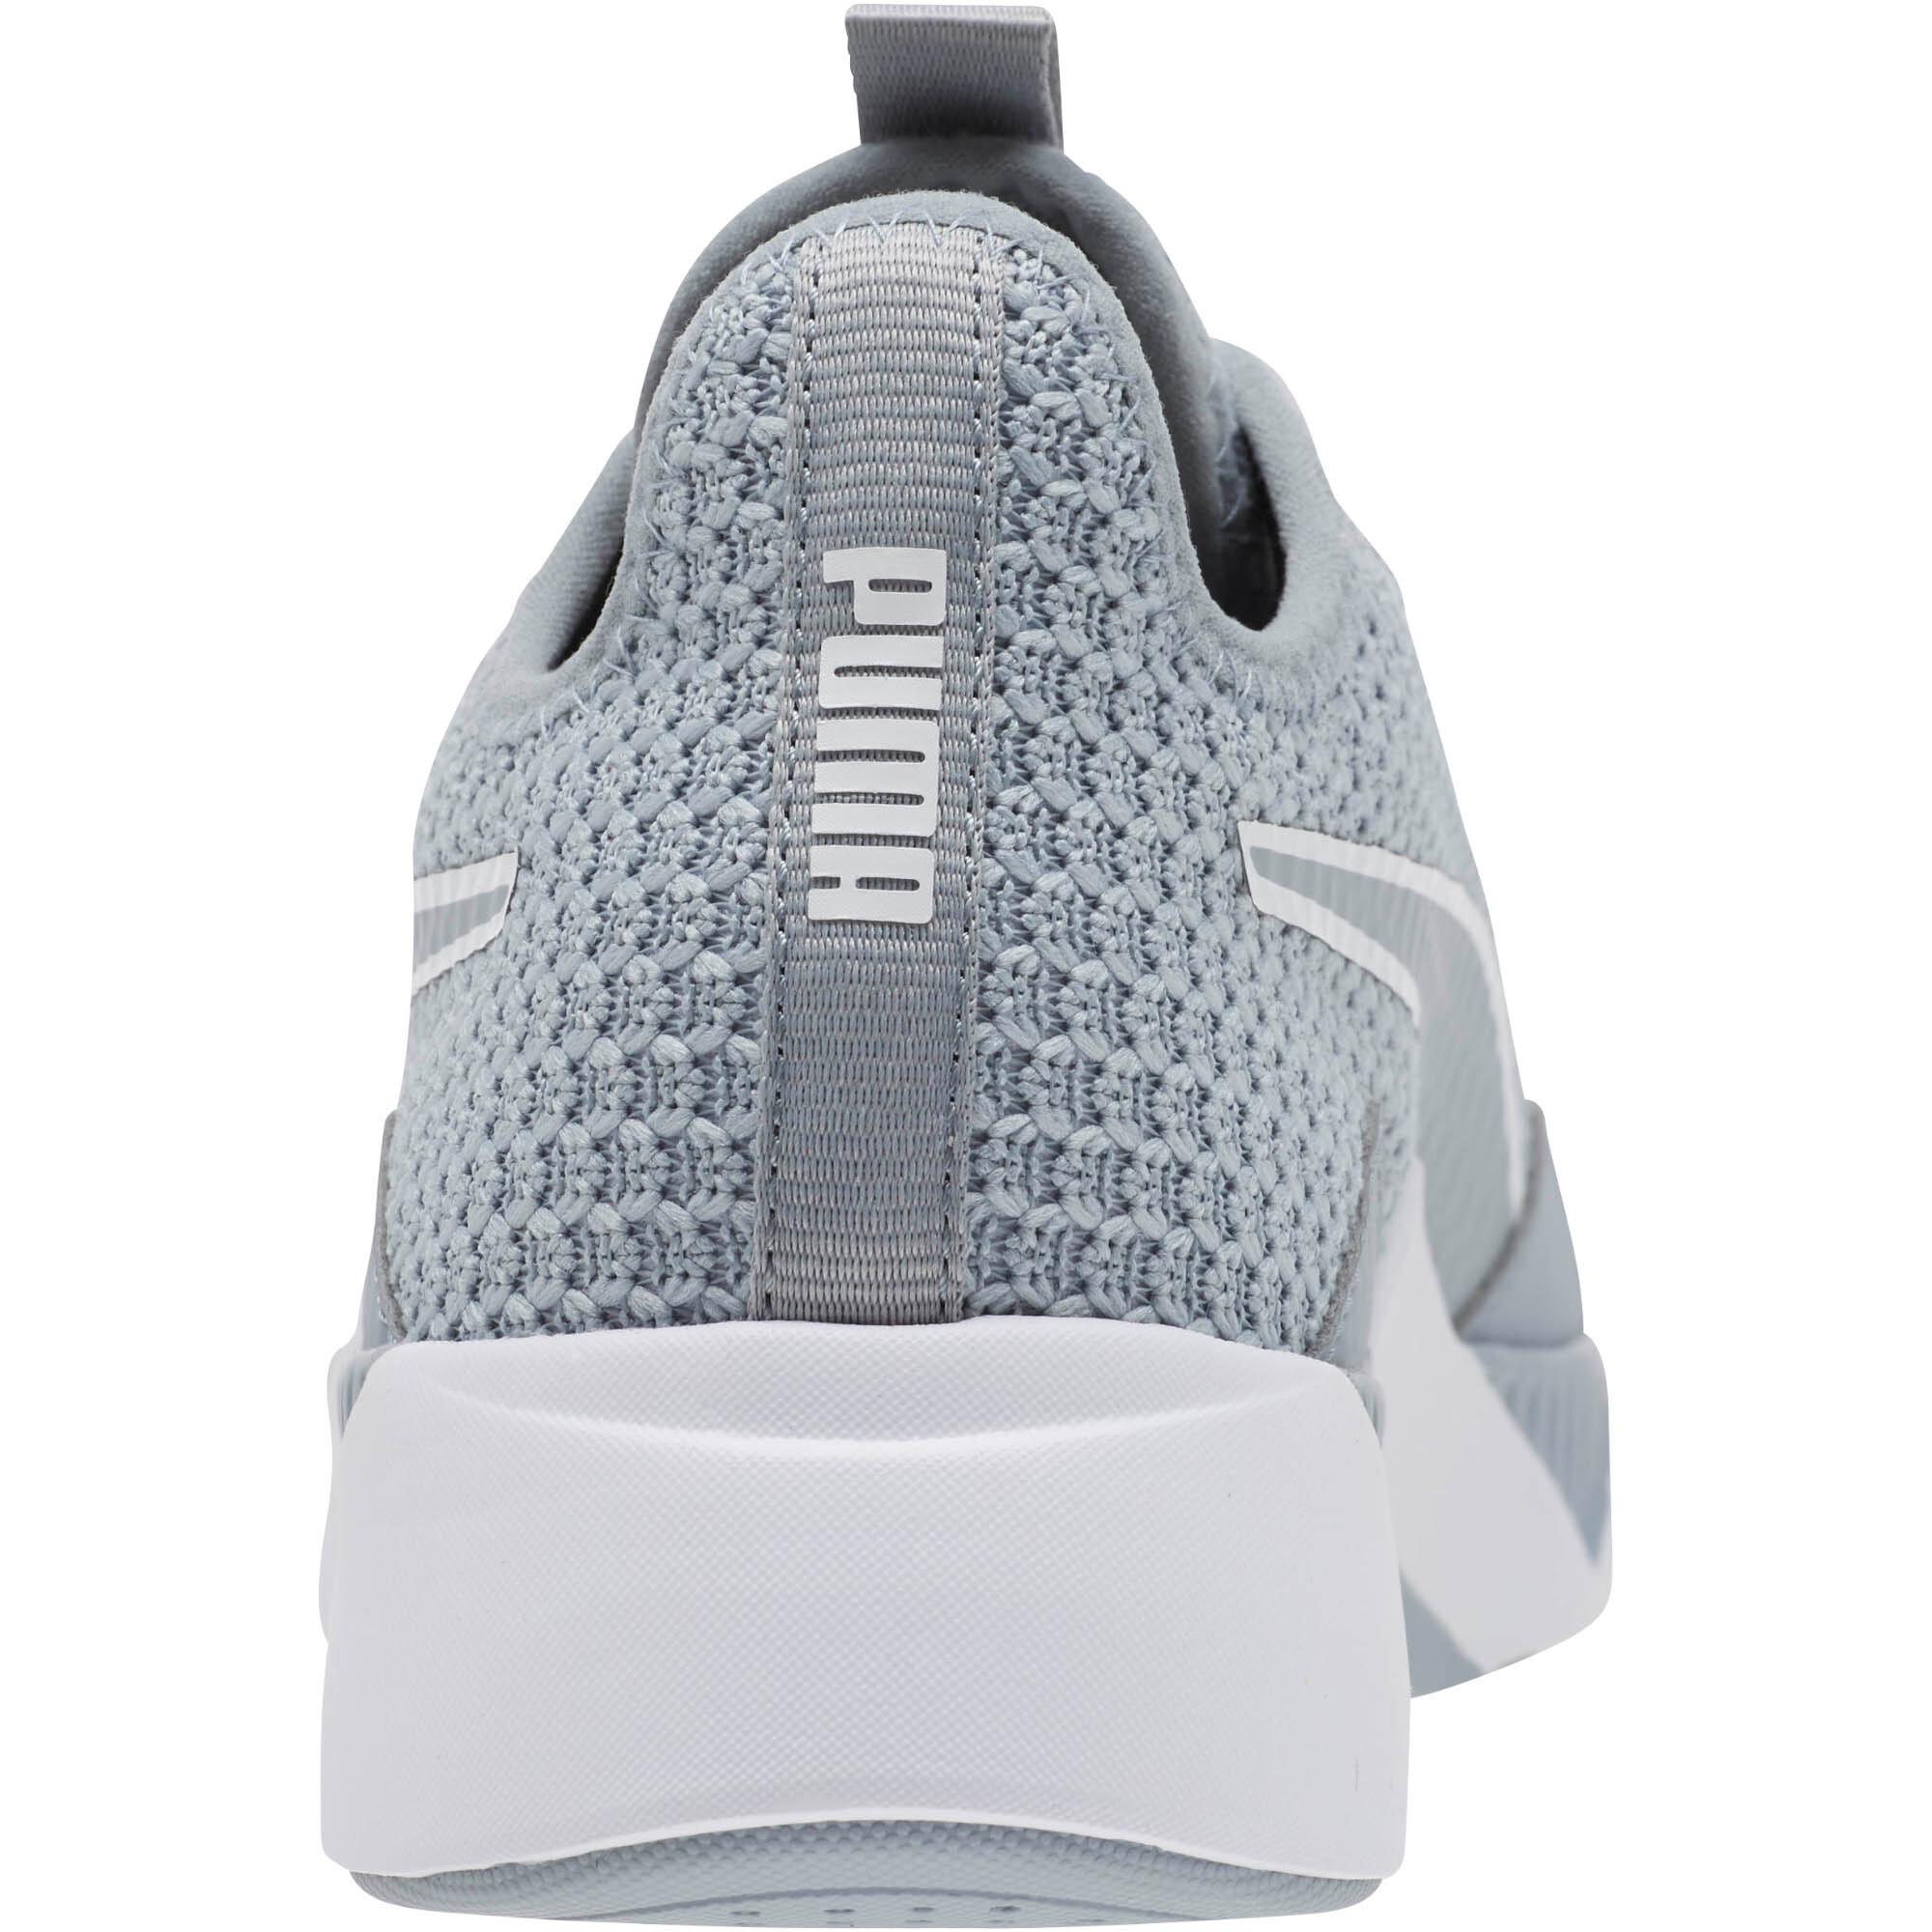 PUMA-Incite-FS-Women-039-s-Training-Shoes-Women-Shoe-Training thumbnail 3